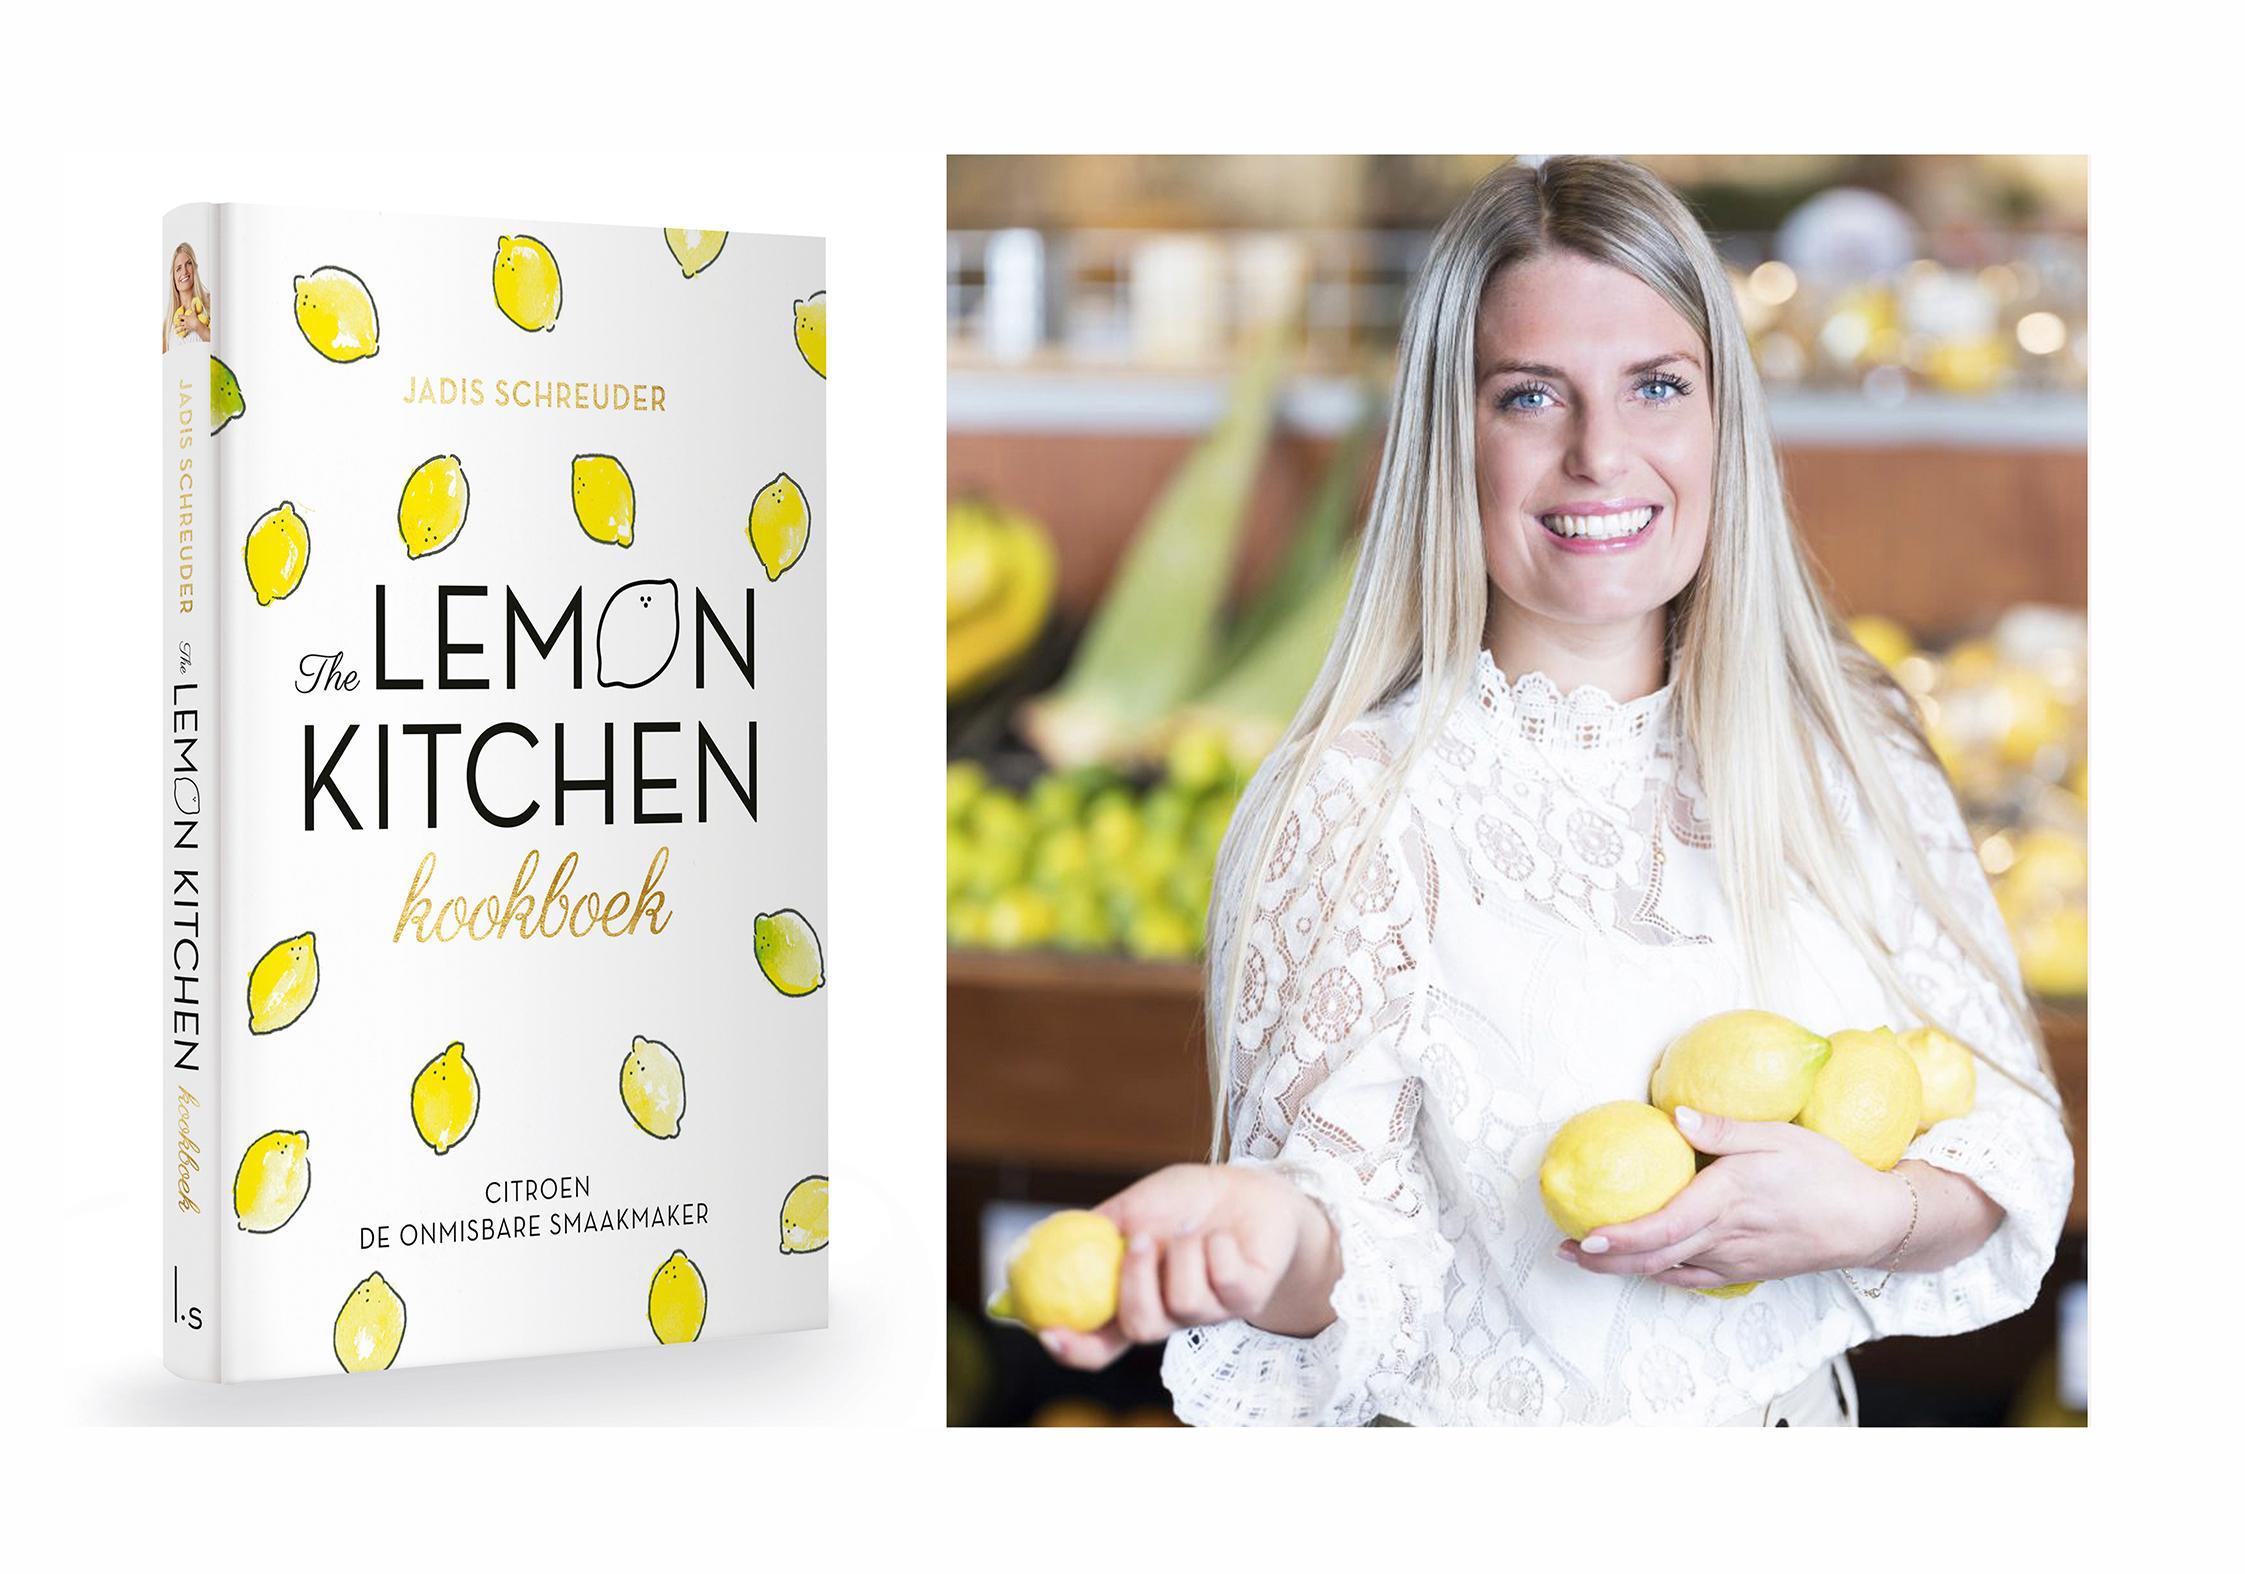 the lemon kitchen kookboek jadis